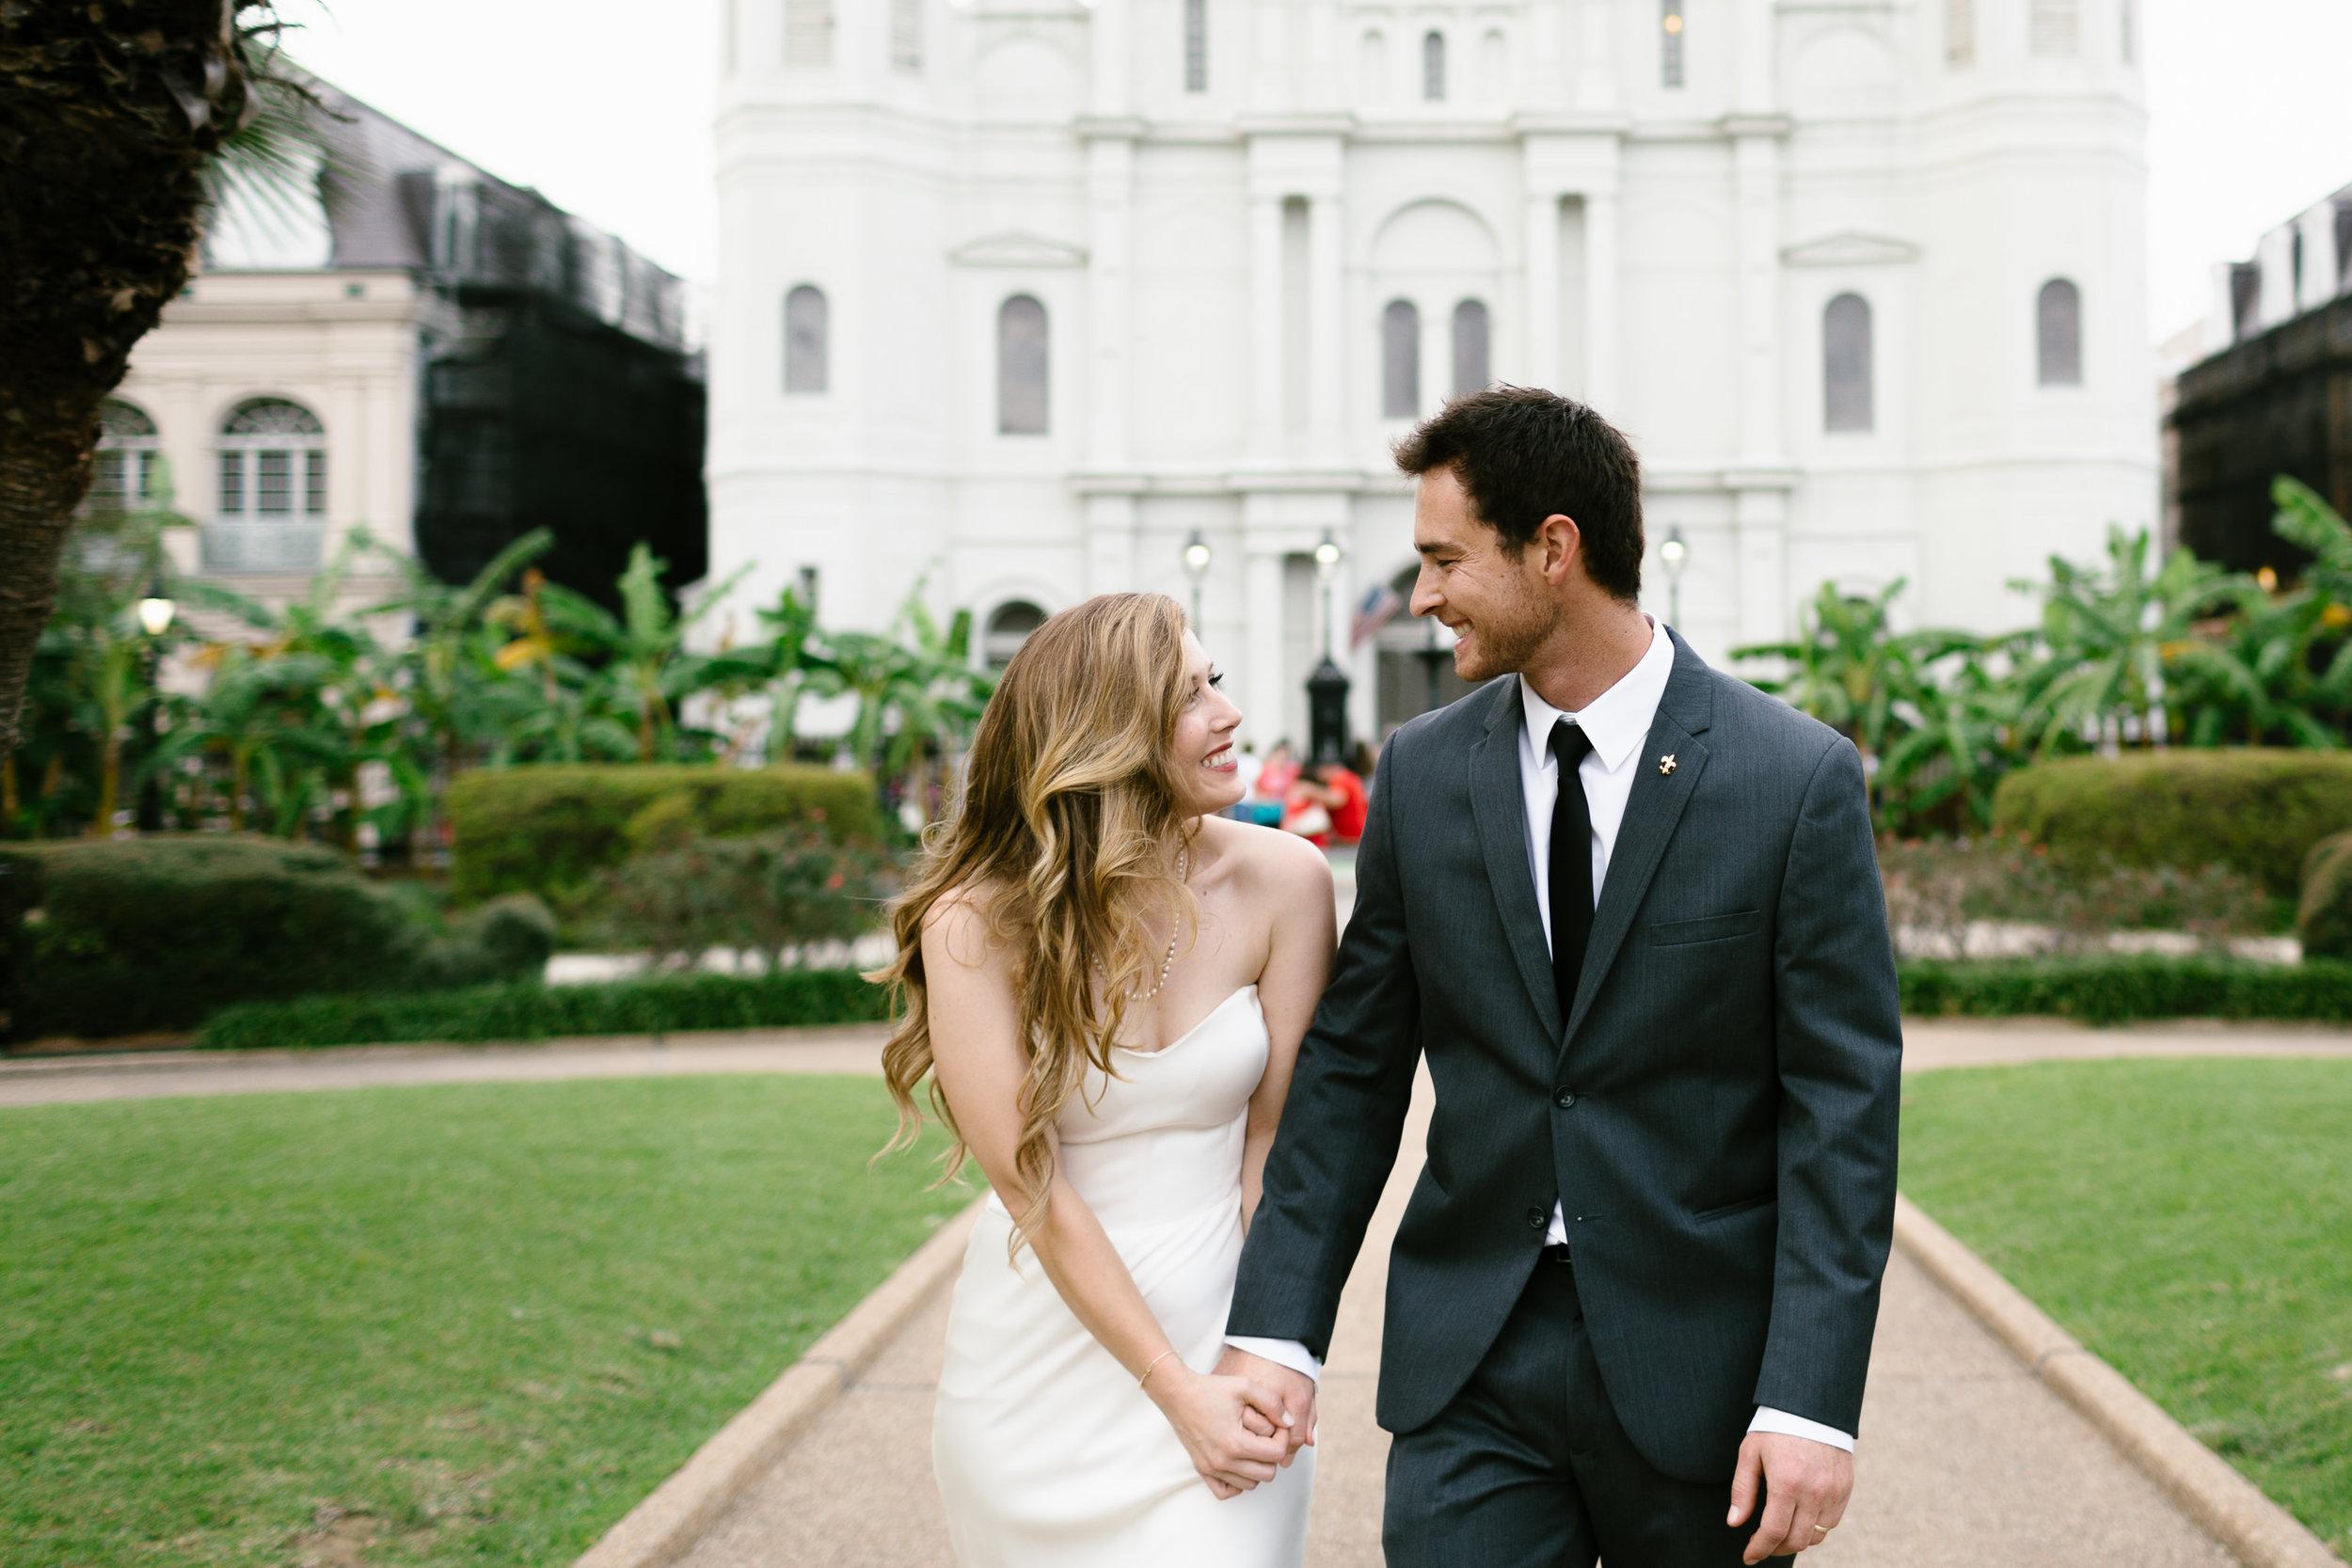 new-orleans-nola-destination-wedding